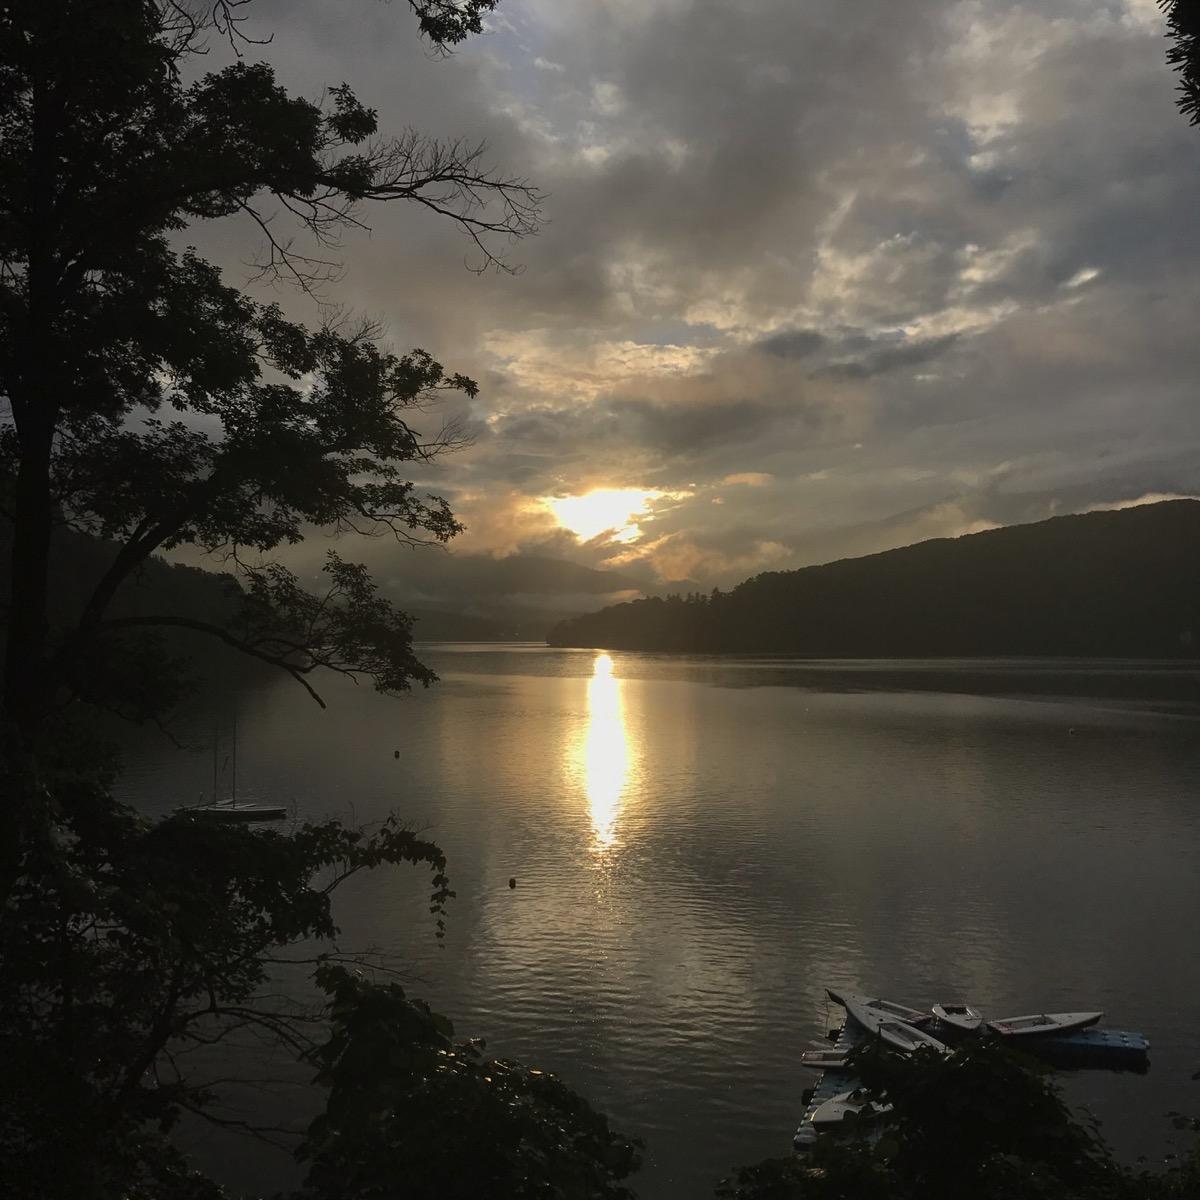 IMG 2868 - 午後は少し天気も良くなりました。夜には夕陽会が行われました。|第82回野尻学荘10日目